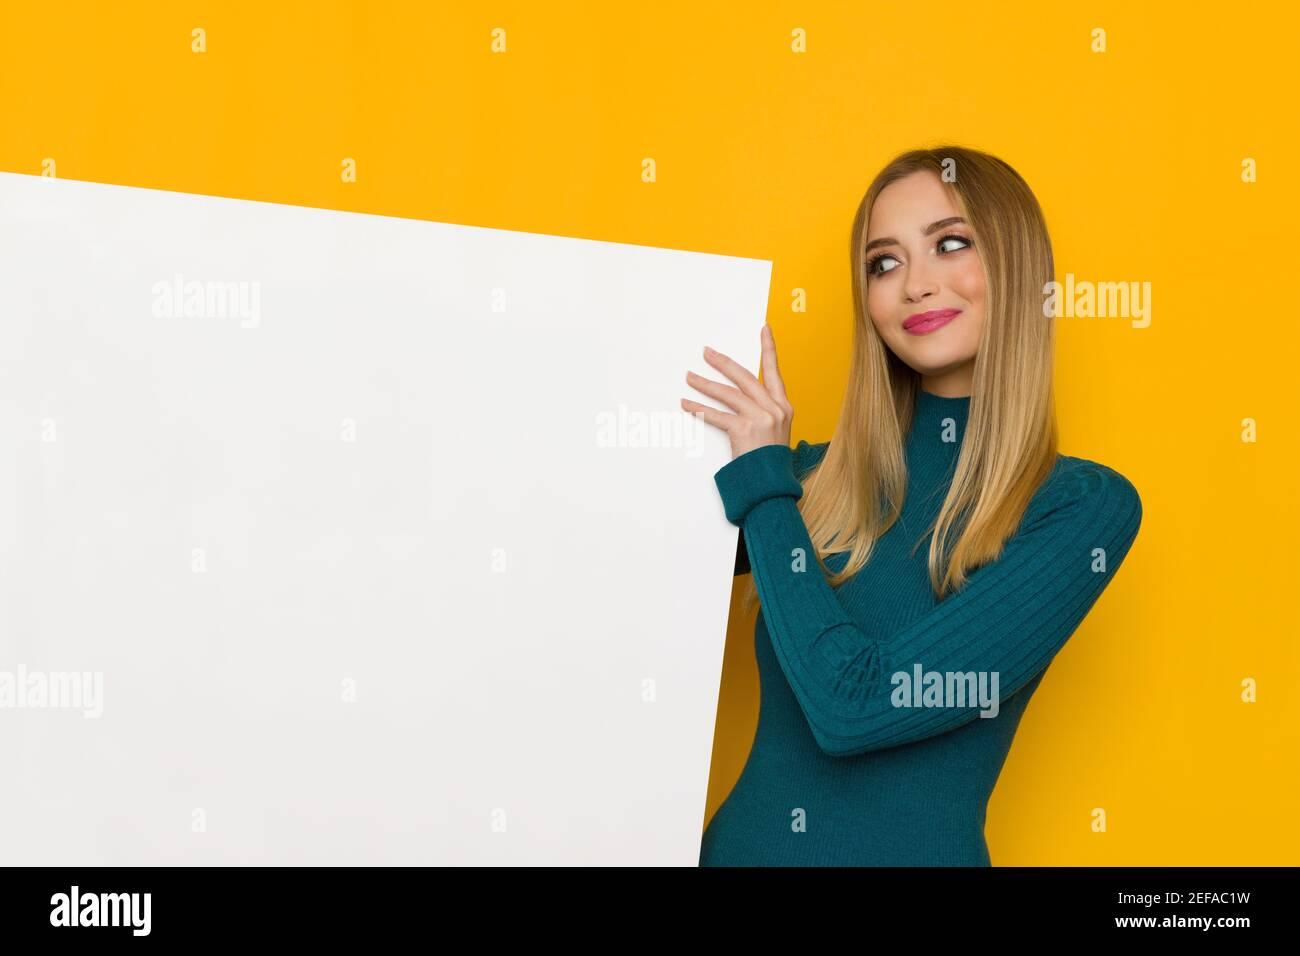 Jolie jeune femme souriante tient un écriteau blanc et regarde-le. Taille haute studio tourné sur fond jaune. Banque D'Images